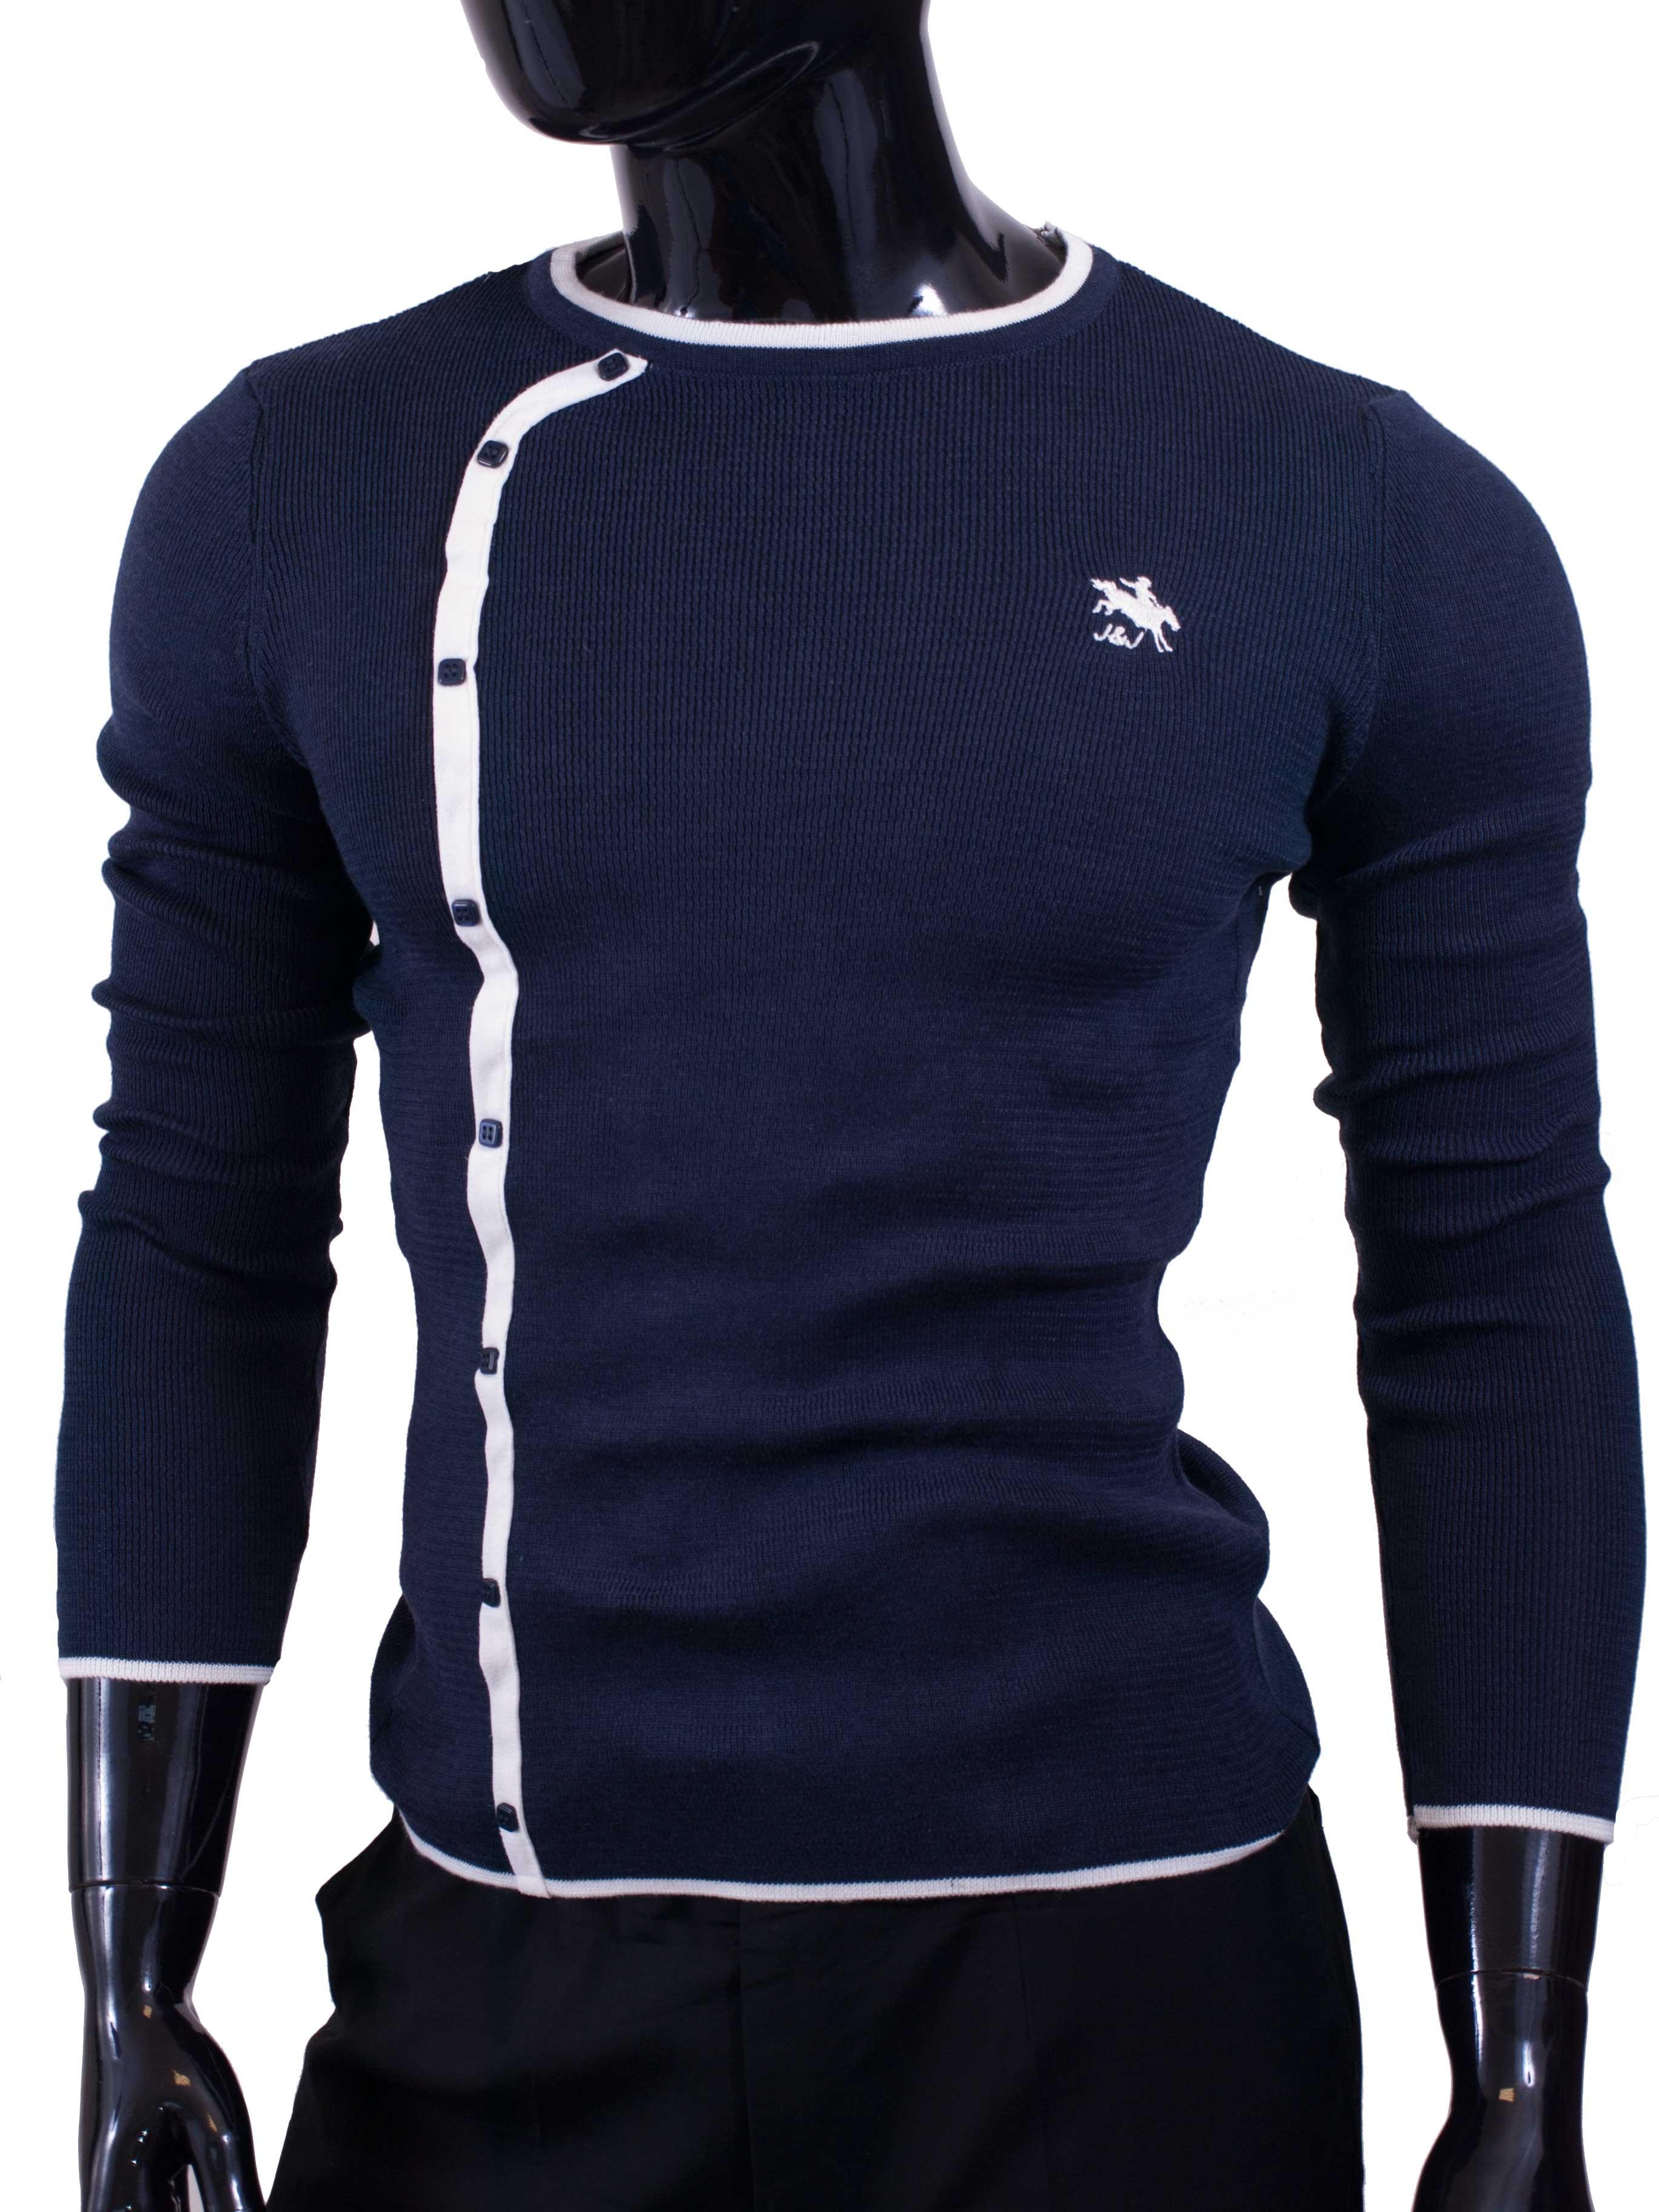 Pánský svetr Jesse James slim fit tmavě modrý